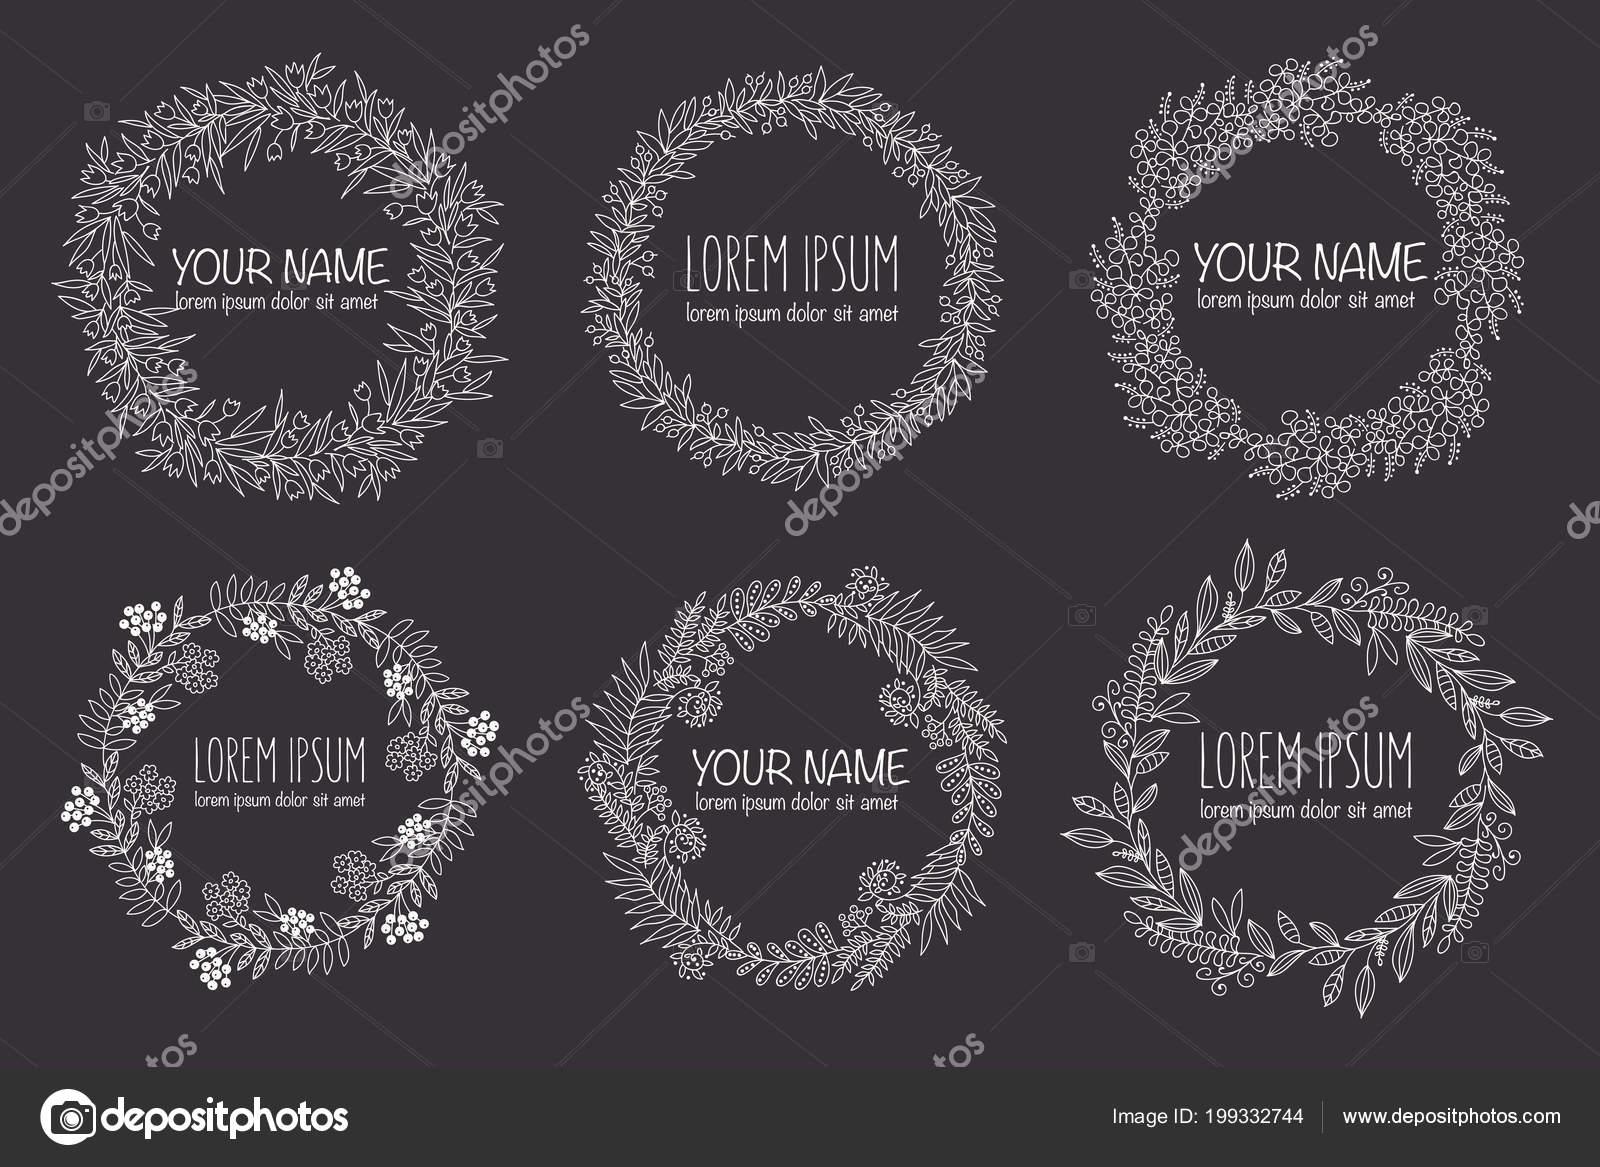 Vektor Auflistung Von Hand Gezeichnet Logo Vorlagen Hochzeit Familie